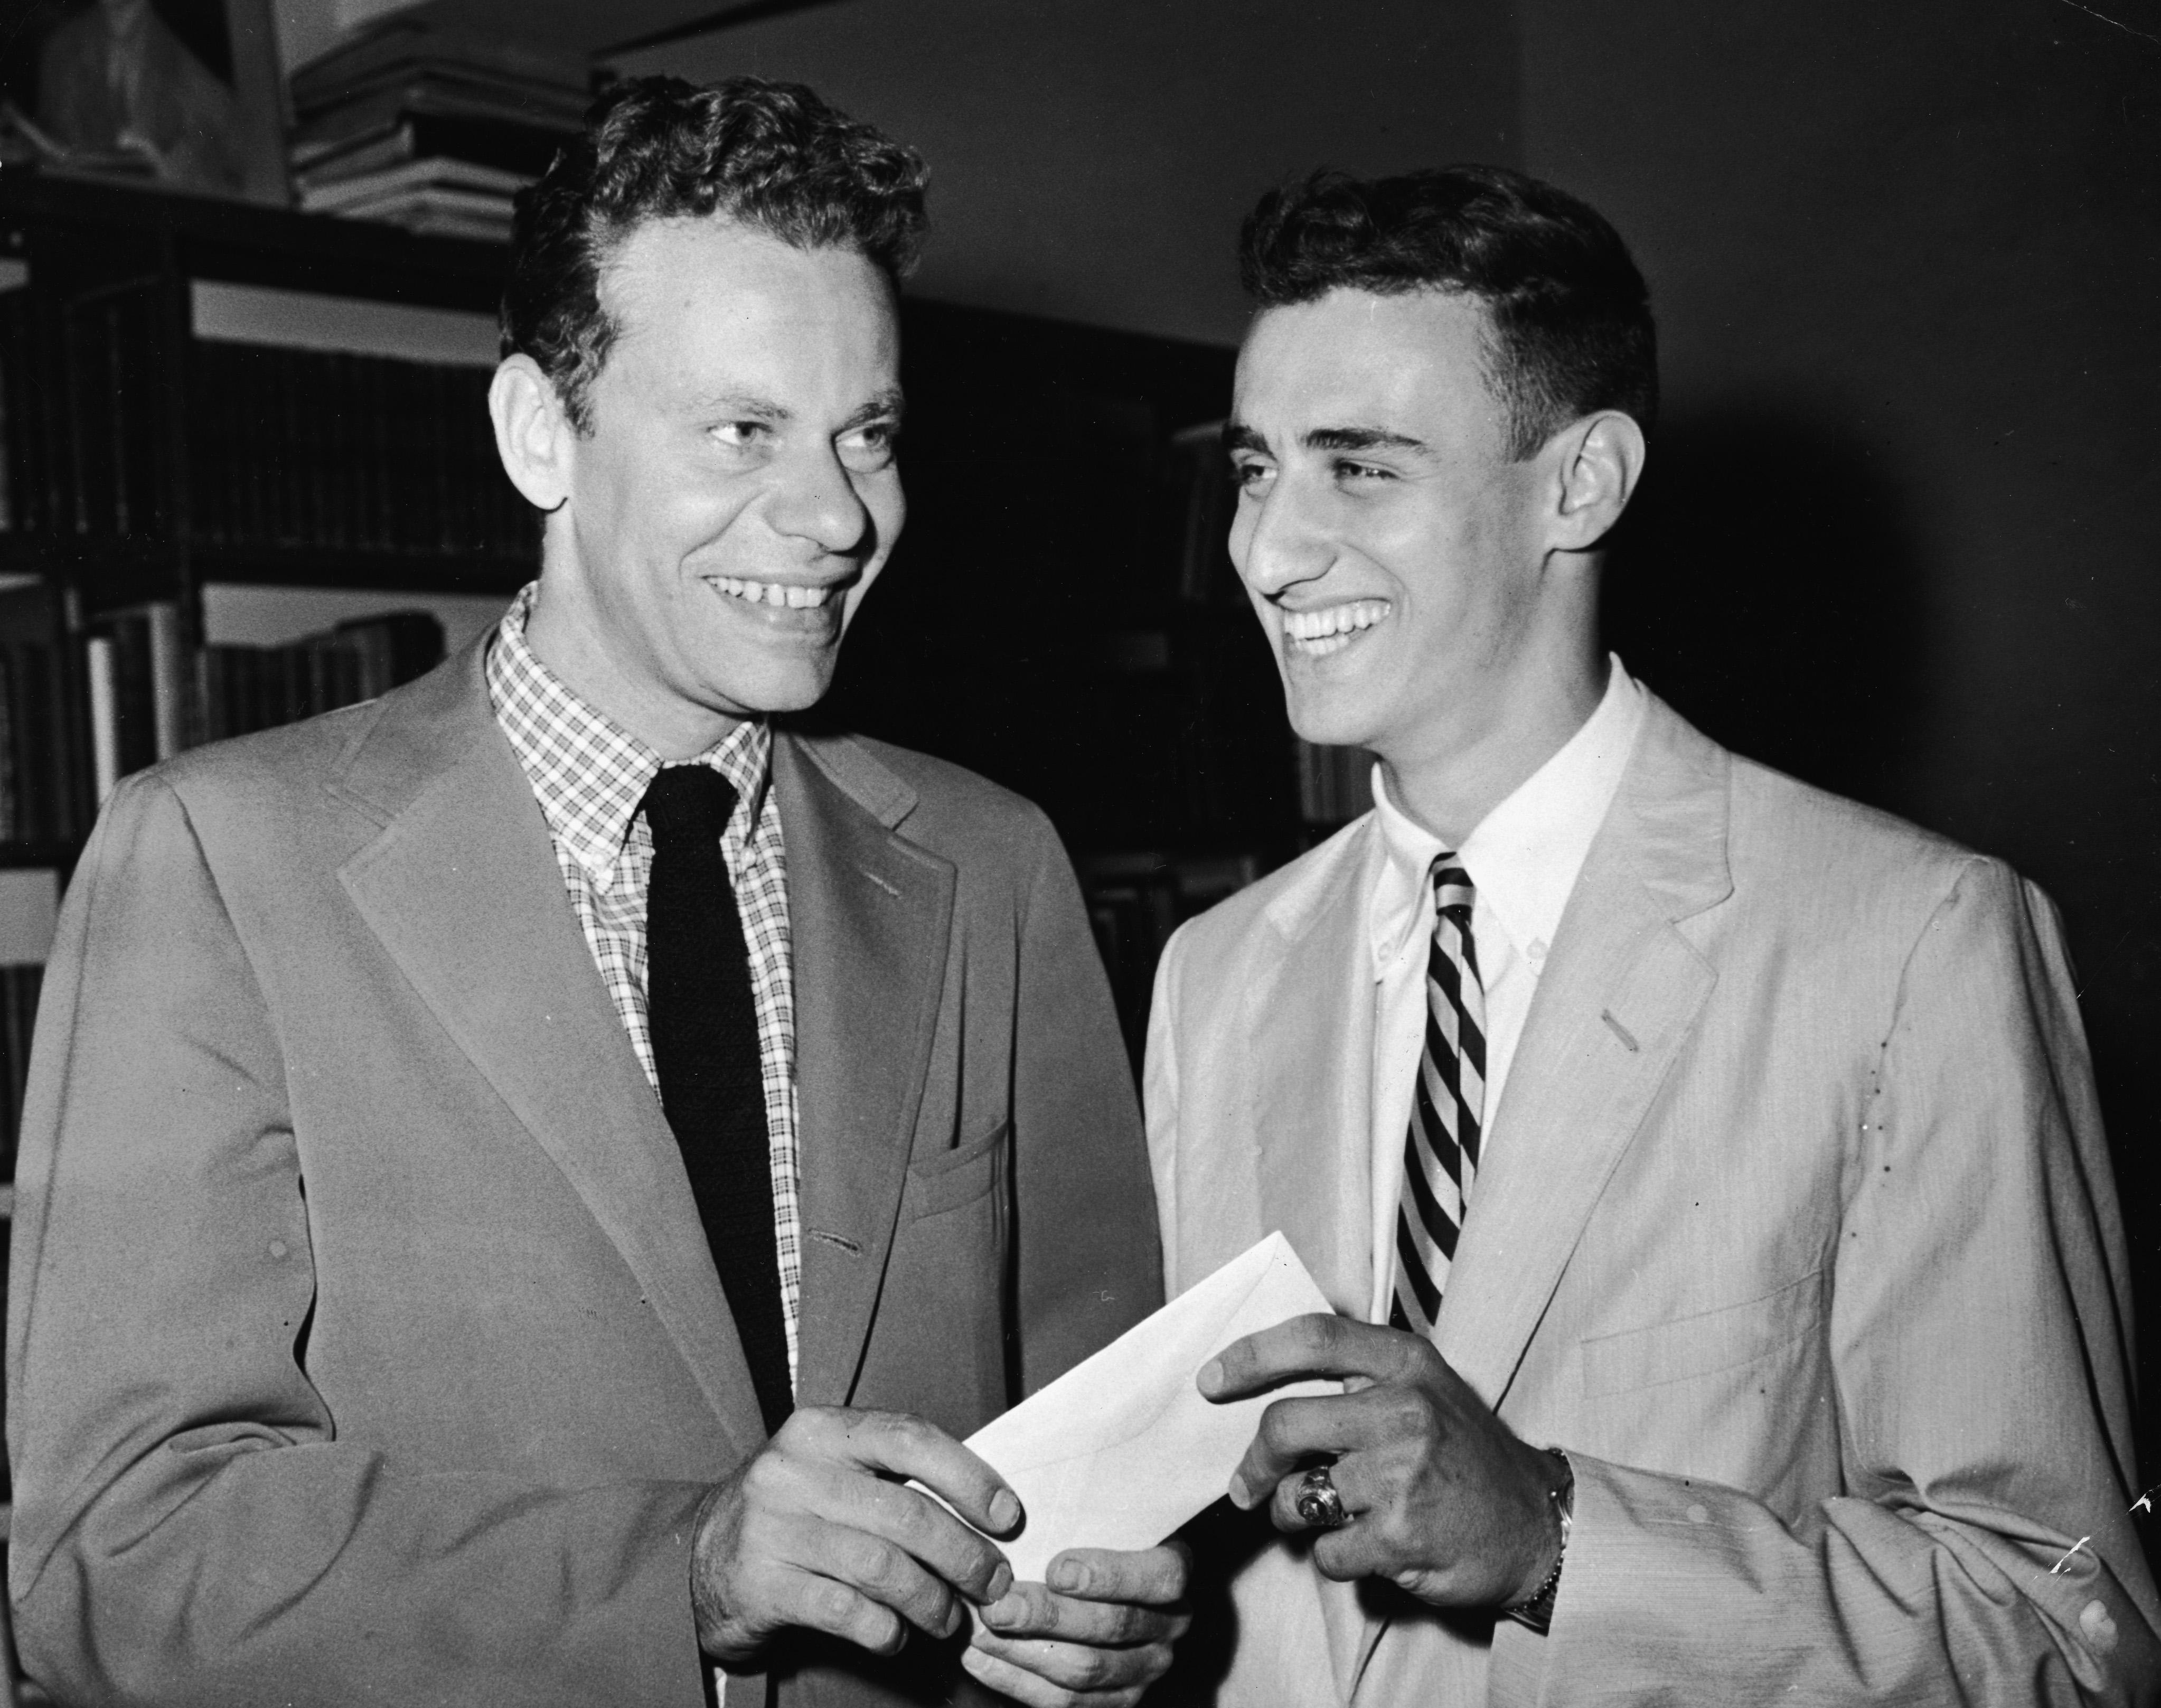 Charles Van Doren, aceptando un sobre de una persona desconocida, en 1958. (Imagen: Hulton Archive/Getty Images).